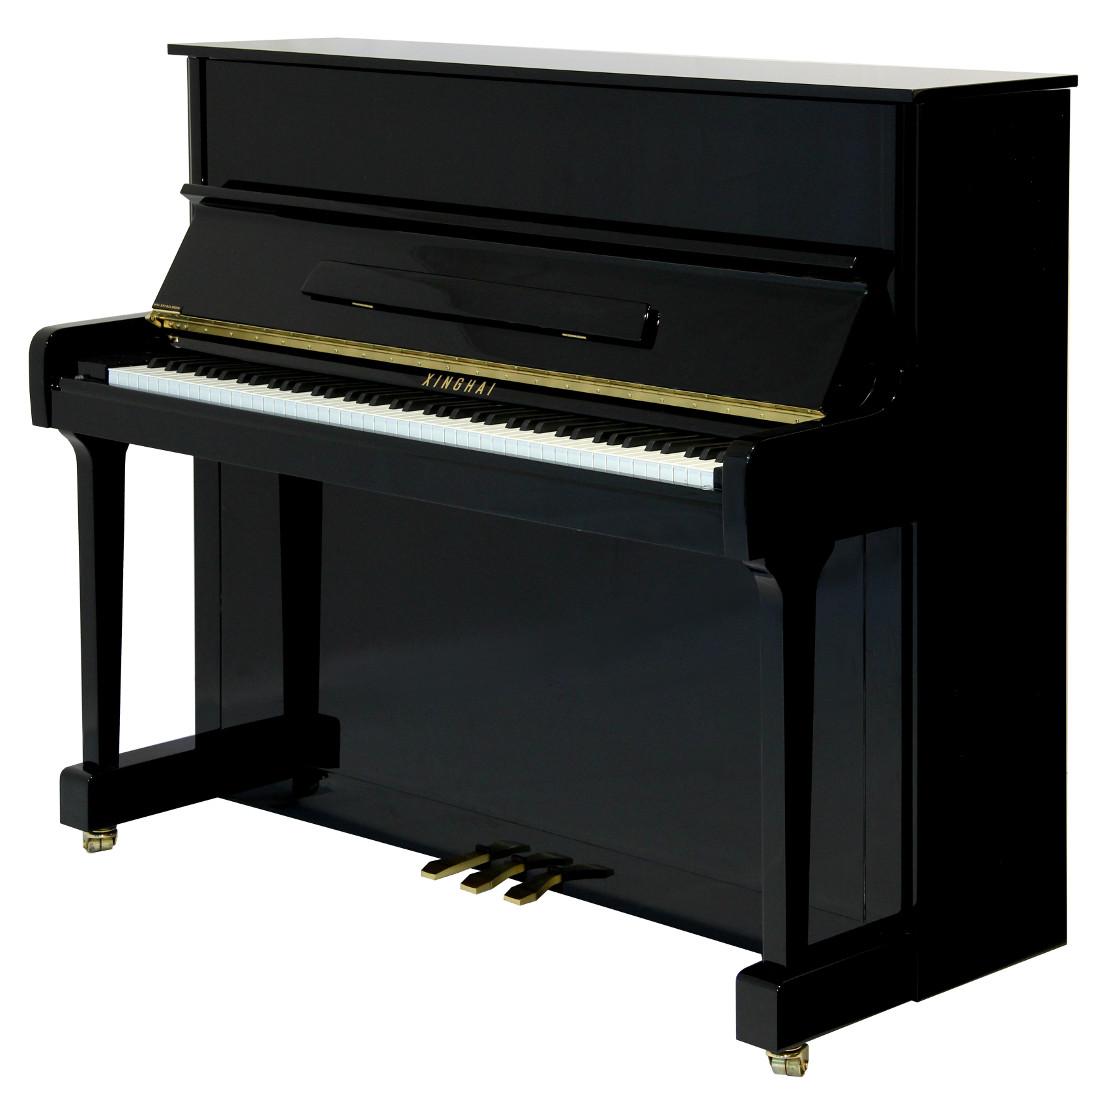 Piano Xinghai 120 v čiernom lesklá farbe